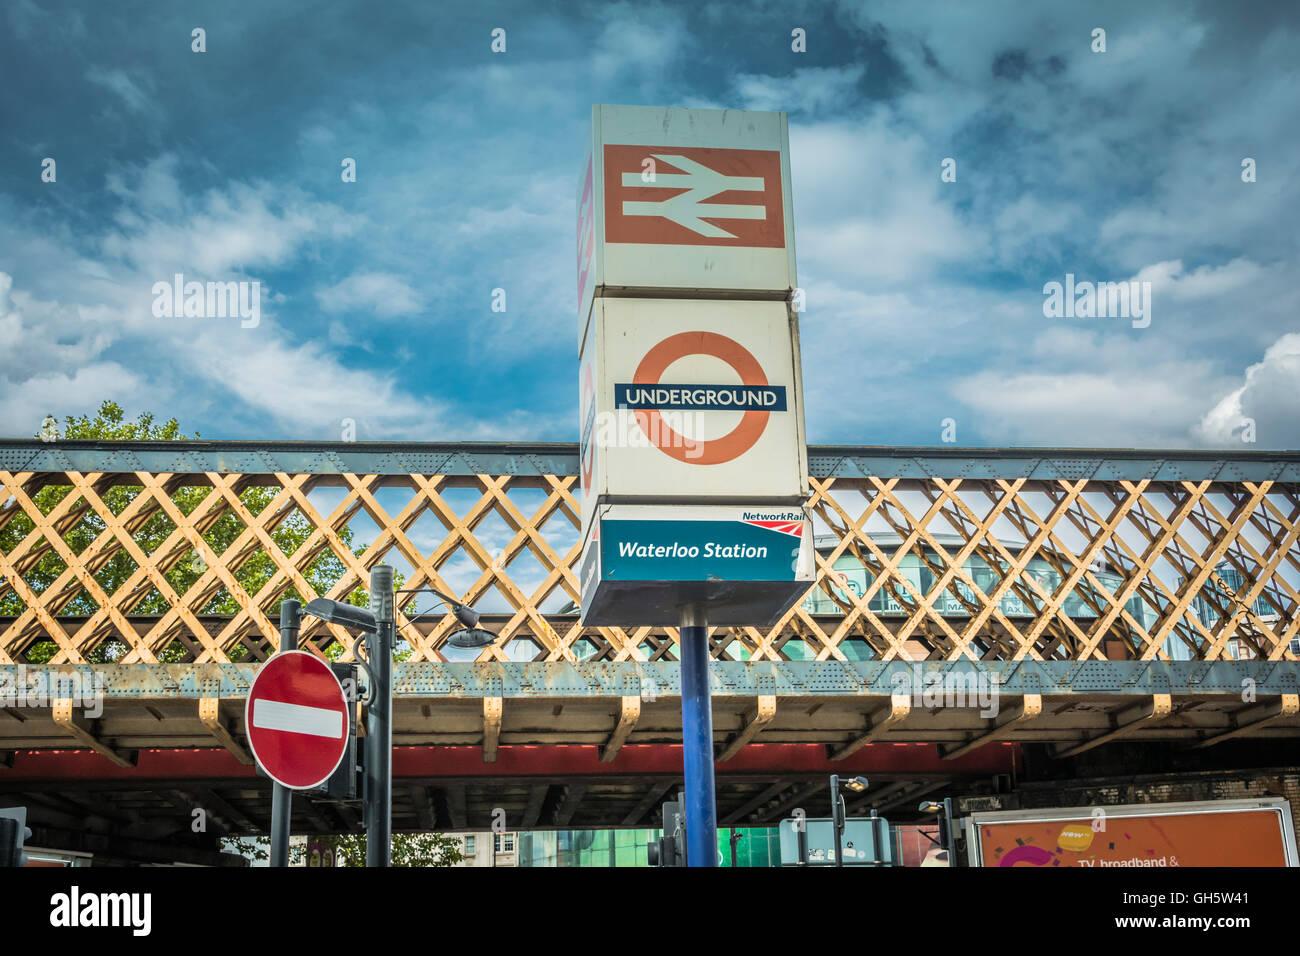 London, England, UK: Waterloo Station signage outside Waterloo Station - Stock Image